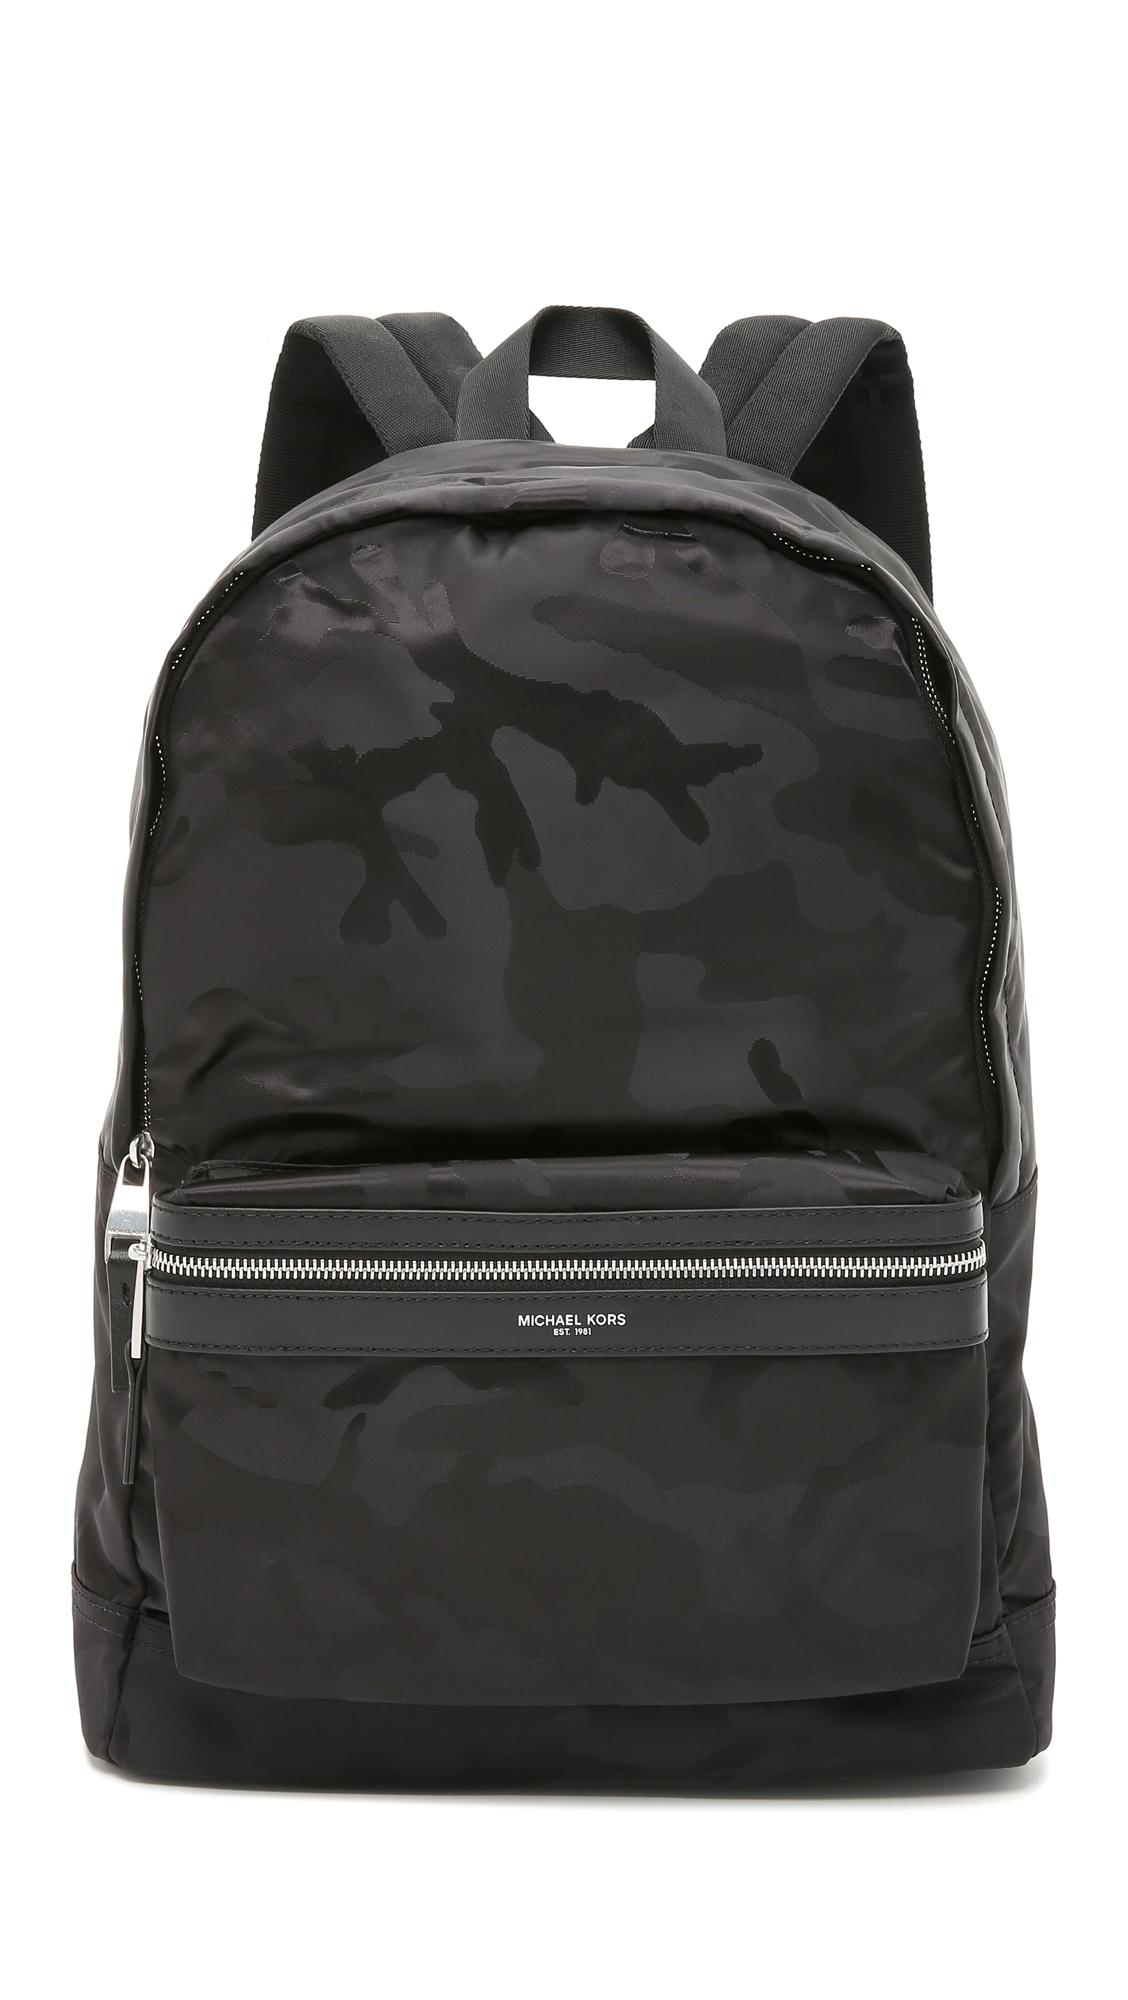 3f19fac498 Lyst - Michael Kors Kent Camo Nylon Backpack in Black for Men